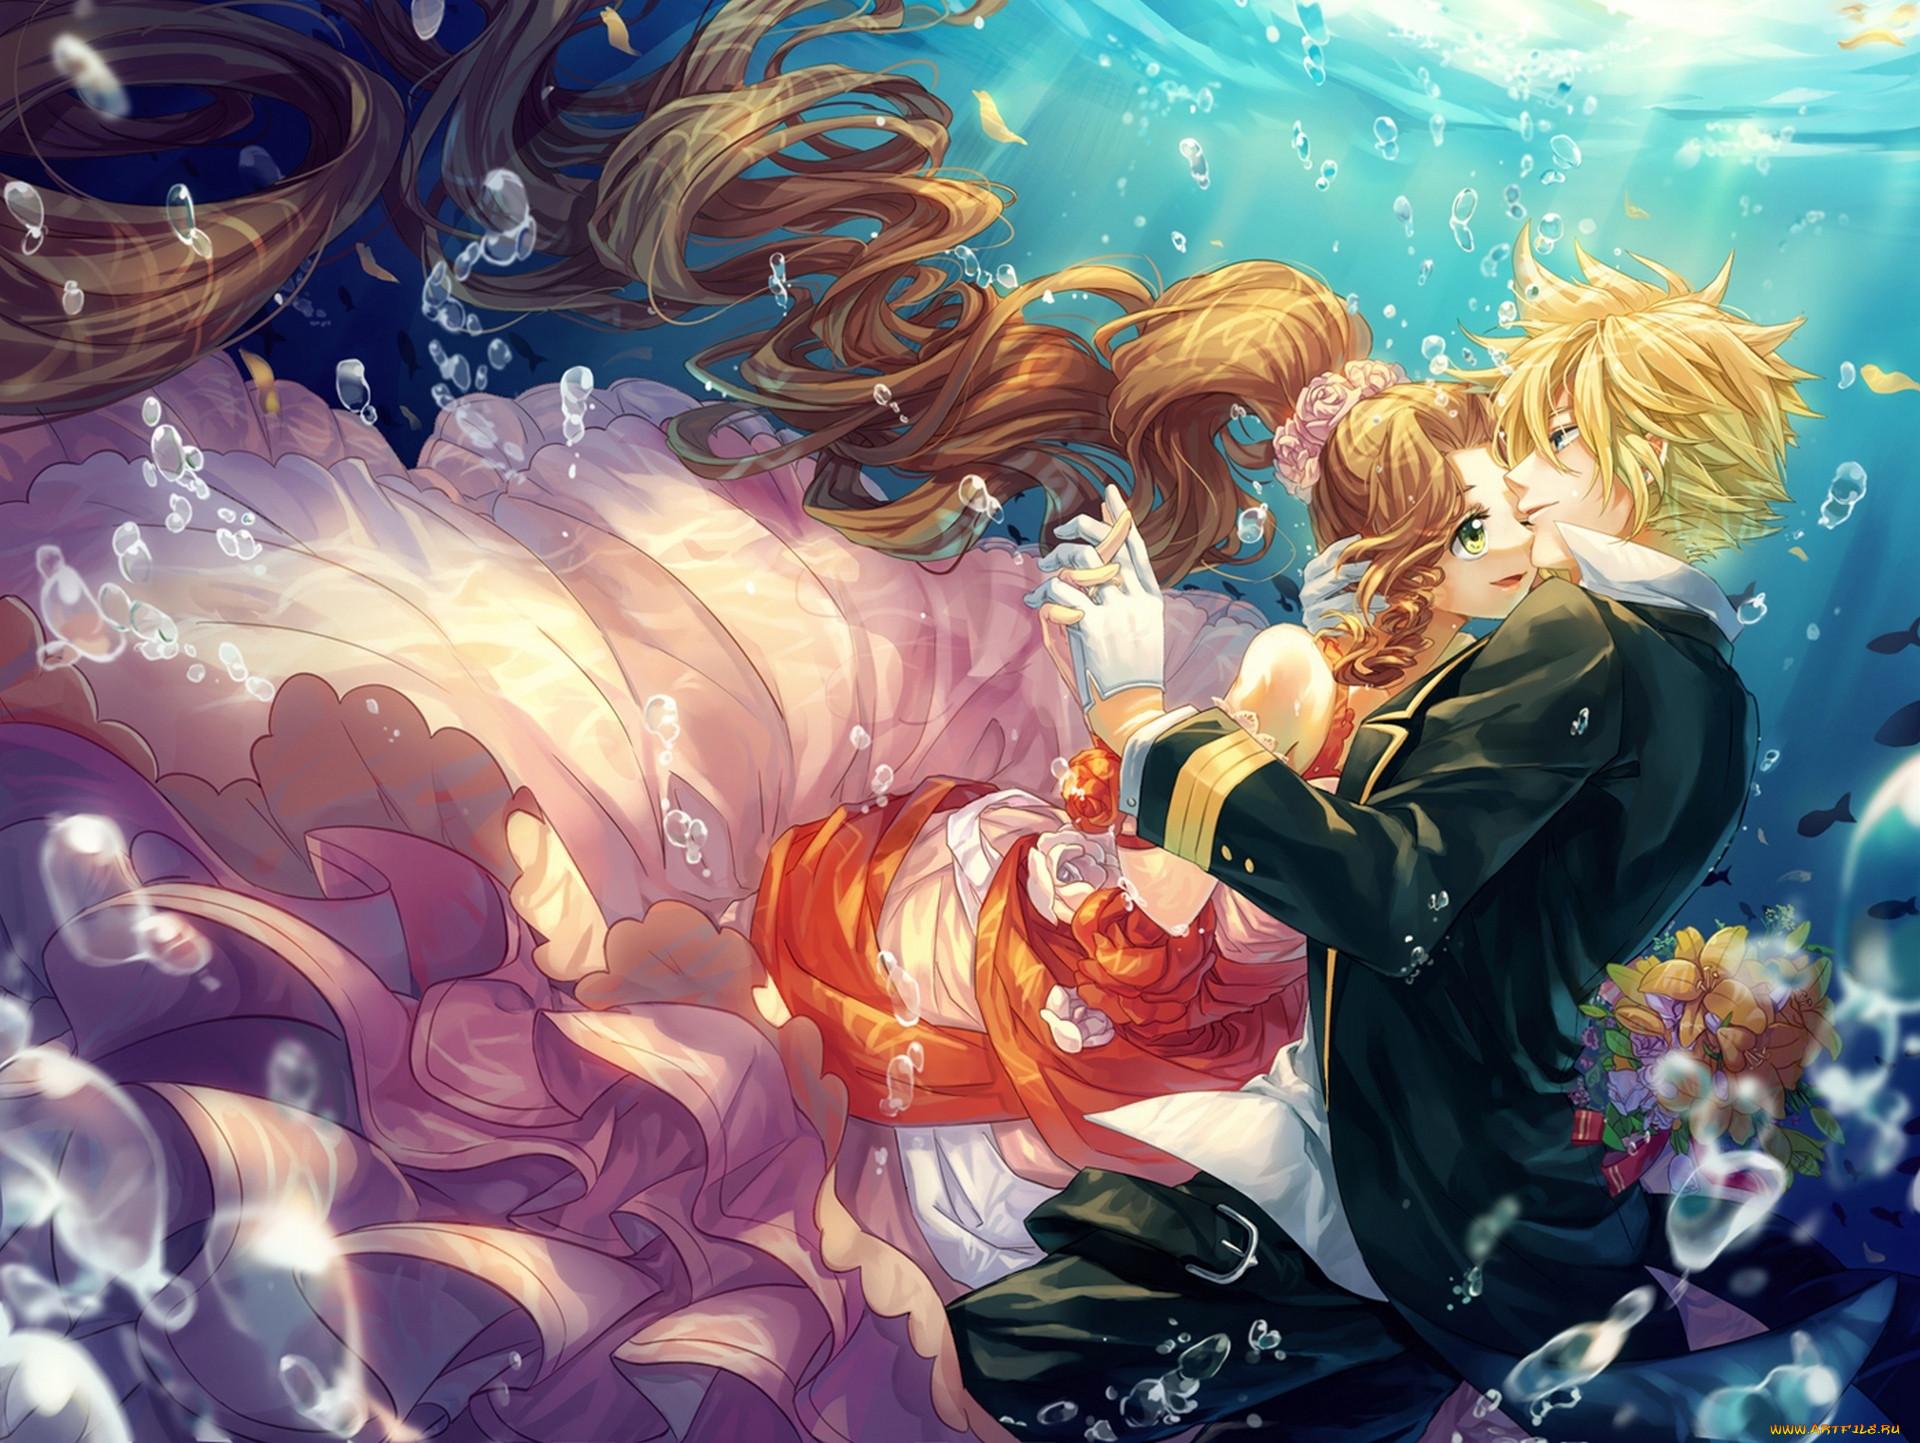 аниме, final fantasy, арт, cat, princess, final, fantasy, cloud, strife, aerith, gainsborough, девушка, парень, под, водой, пузыри, букет, цветы